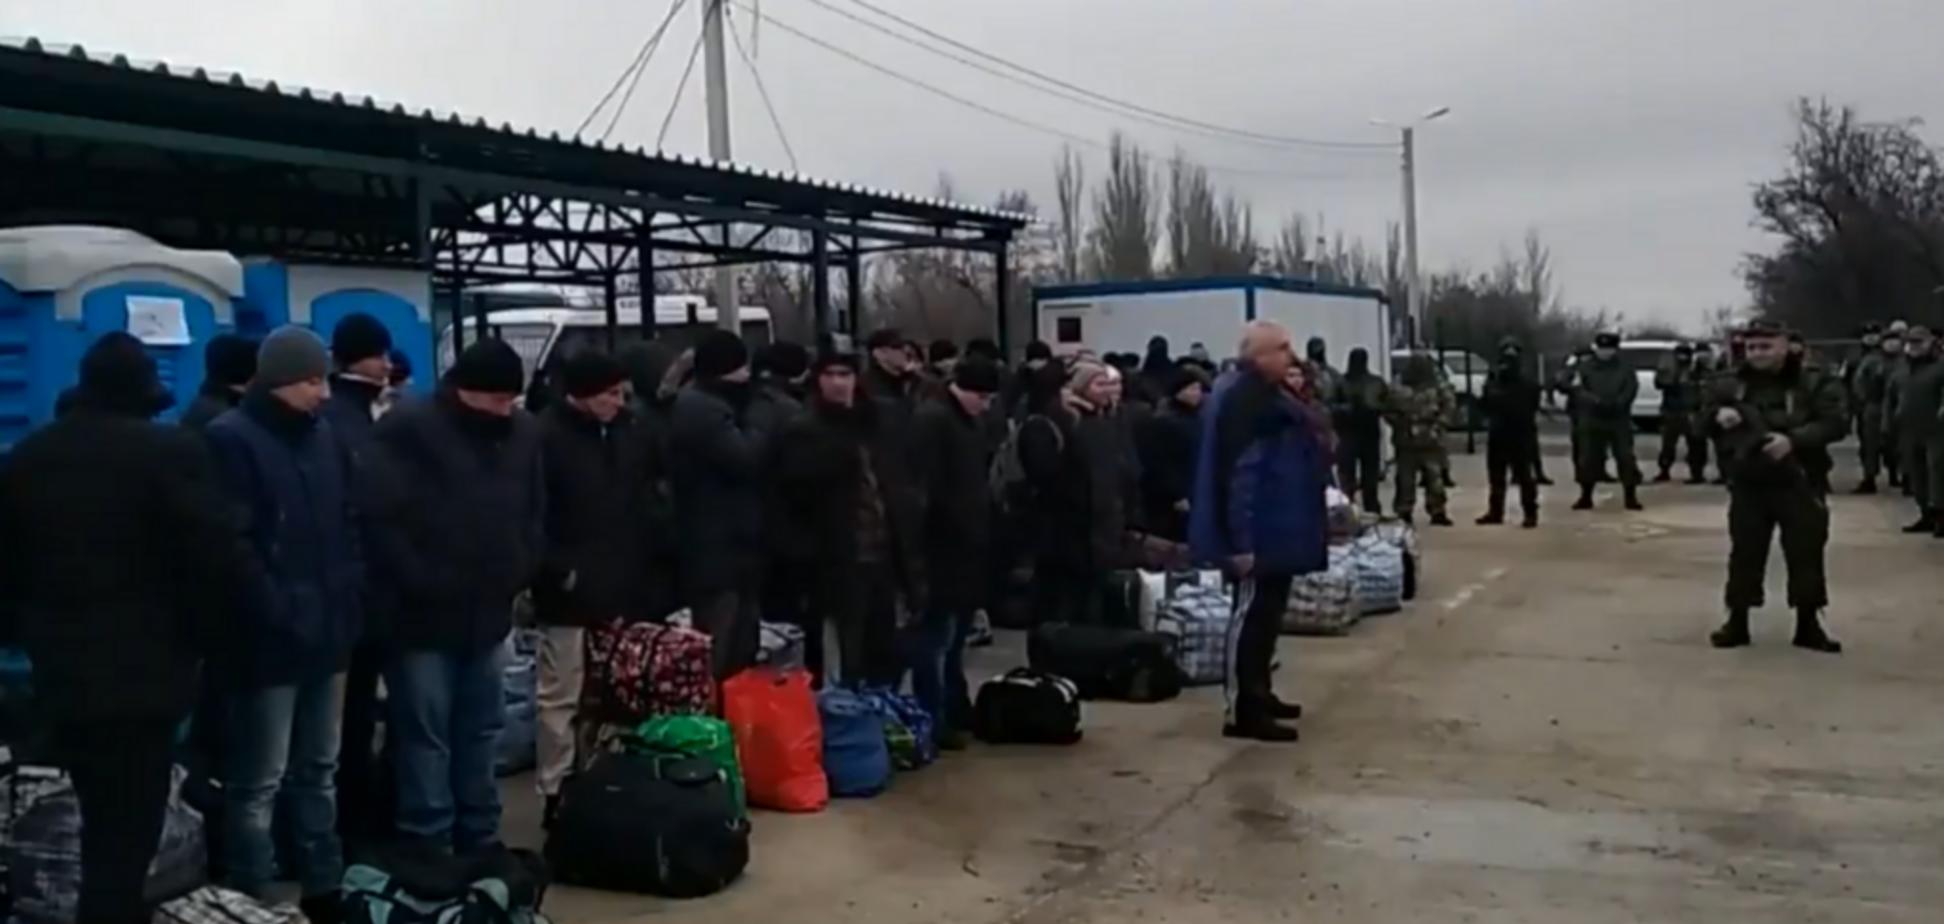 'Путин напал на мою страну! Мы вернемся!' Освобожденный из плена украинец жестко обратился к России: видео